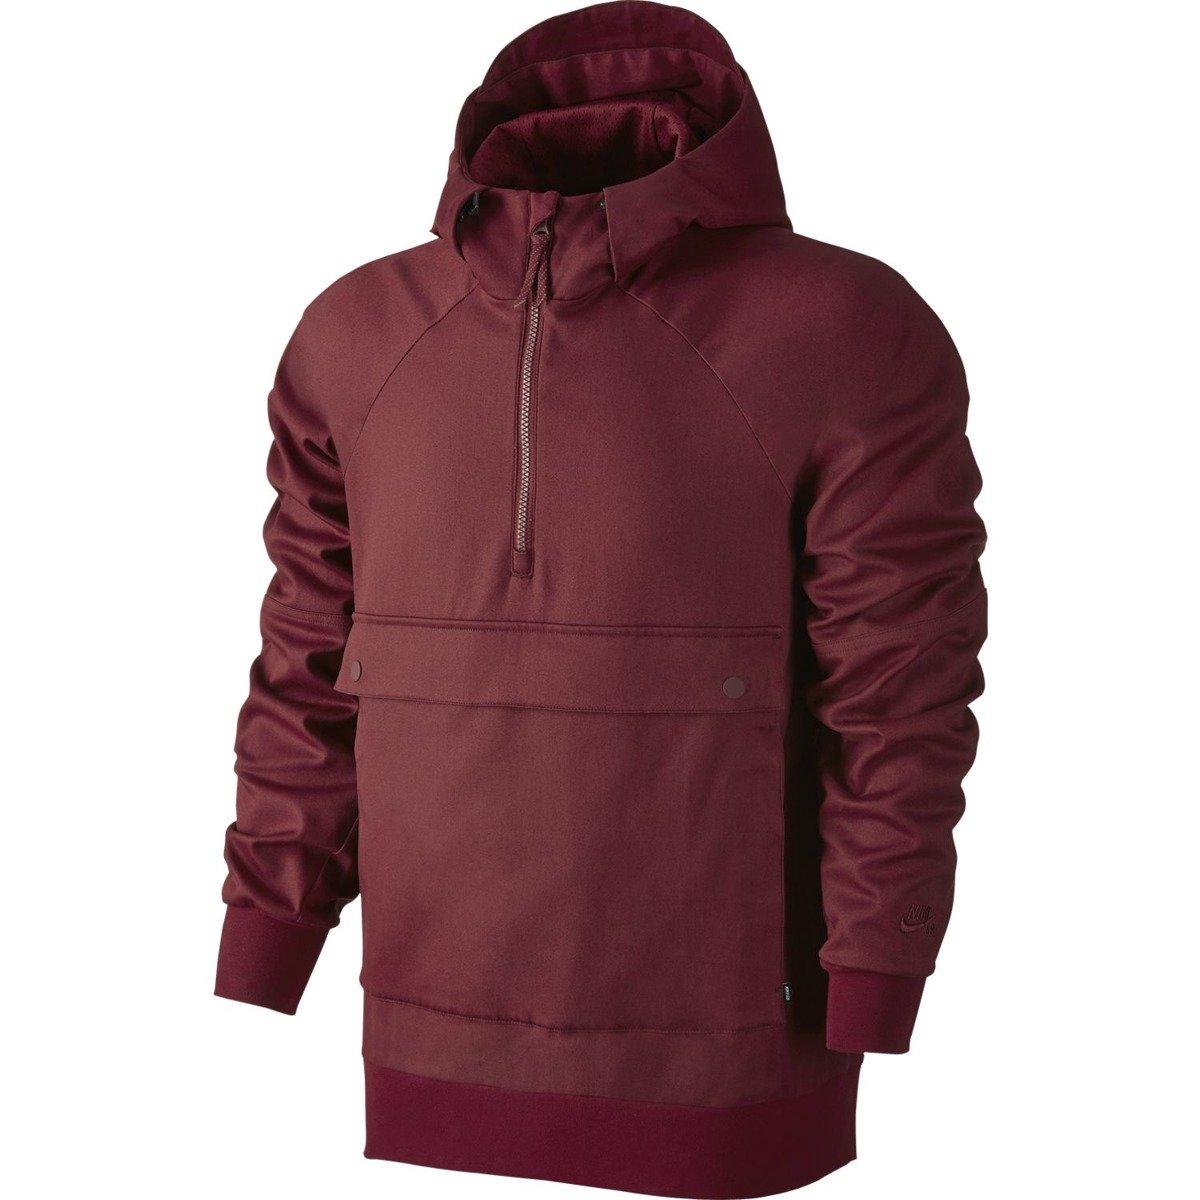 834c324bb Kurtka Nike SB Everett Anorak Jacket Team Red/team Red/team Red red ||  burgundy | Clothes \ Jackets Brands \ Nike SB SALE \ Sale - 40% \ Jackets  Odzież ...